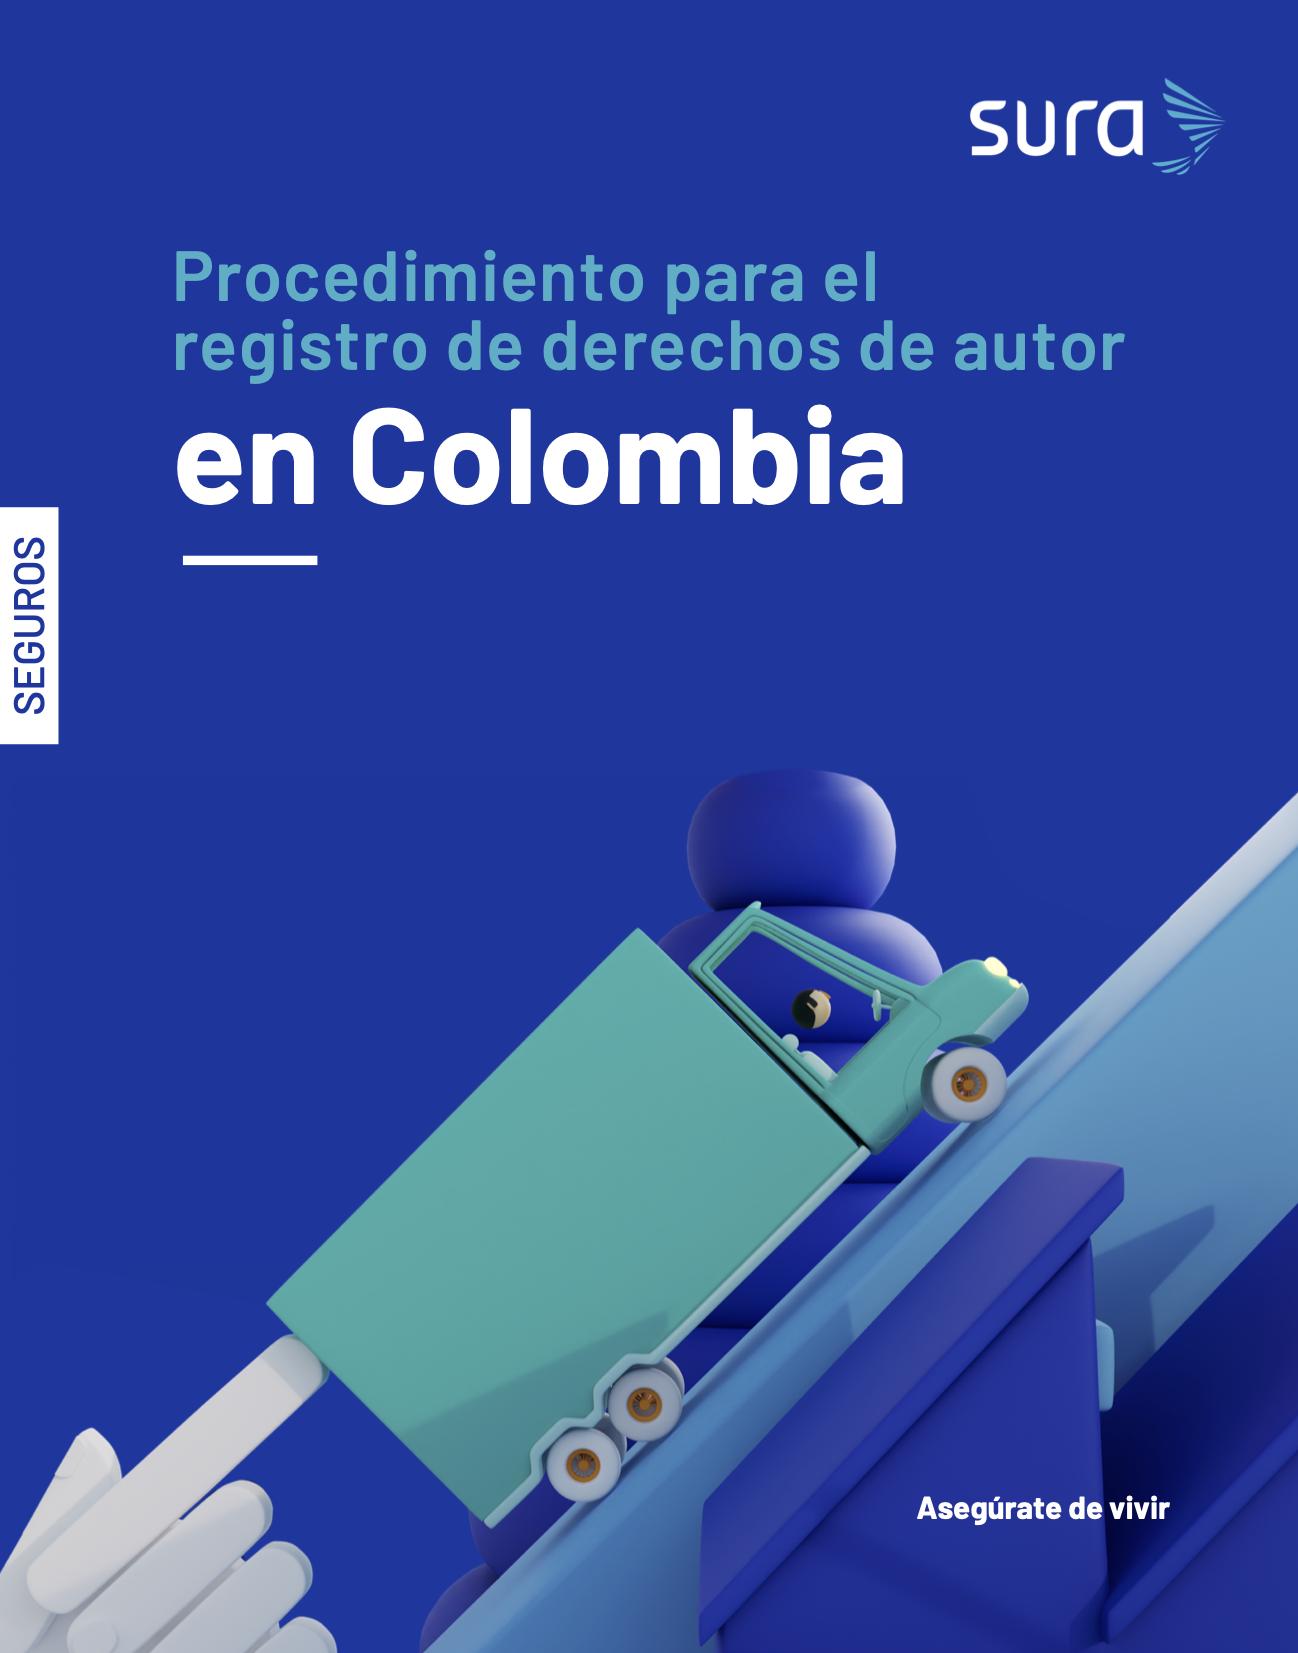 Derechos de autor - Colombia